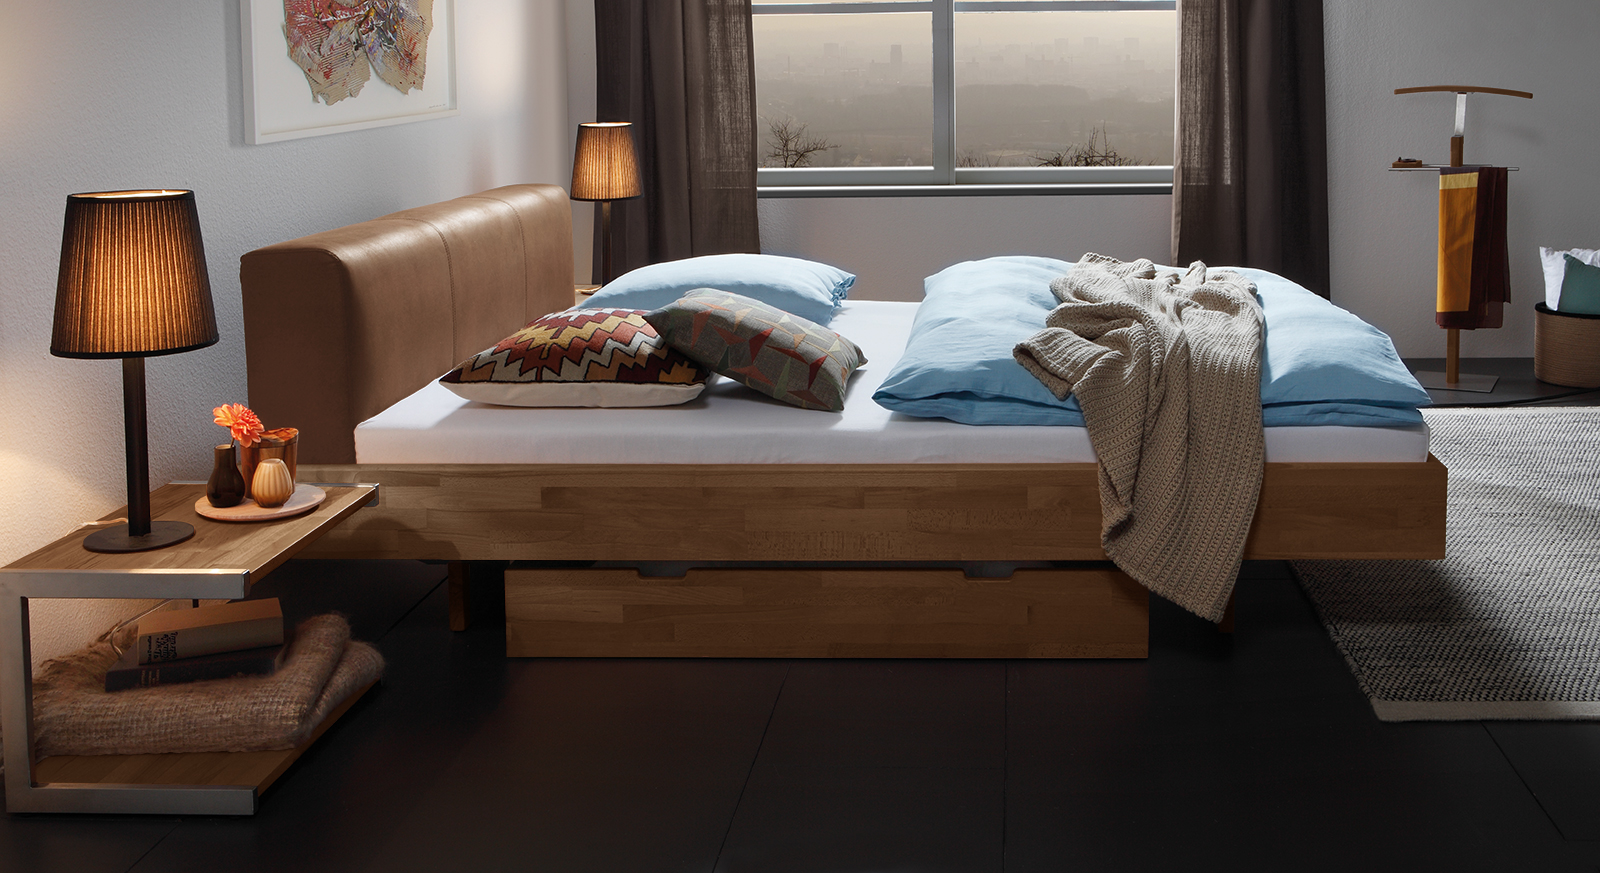 Bett Vimara aus Massivholz in Buche, nussbaumfarben